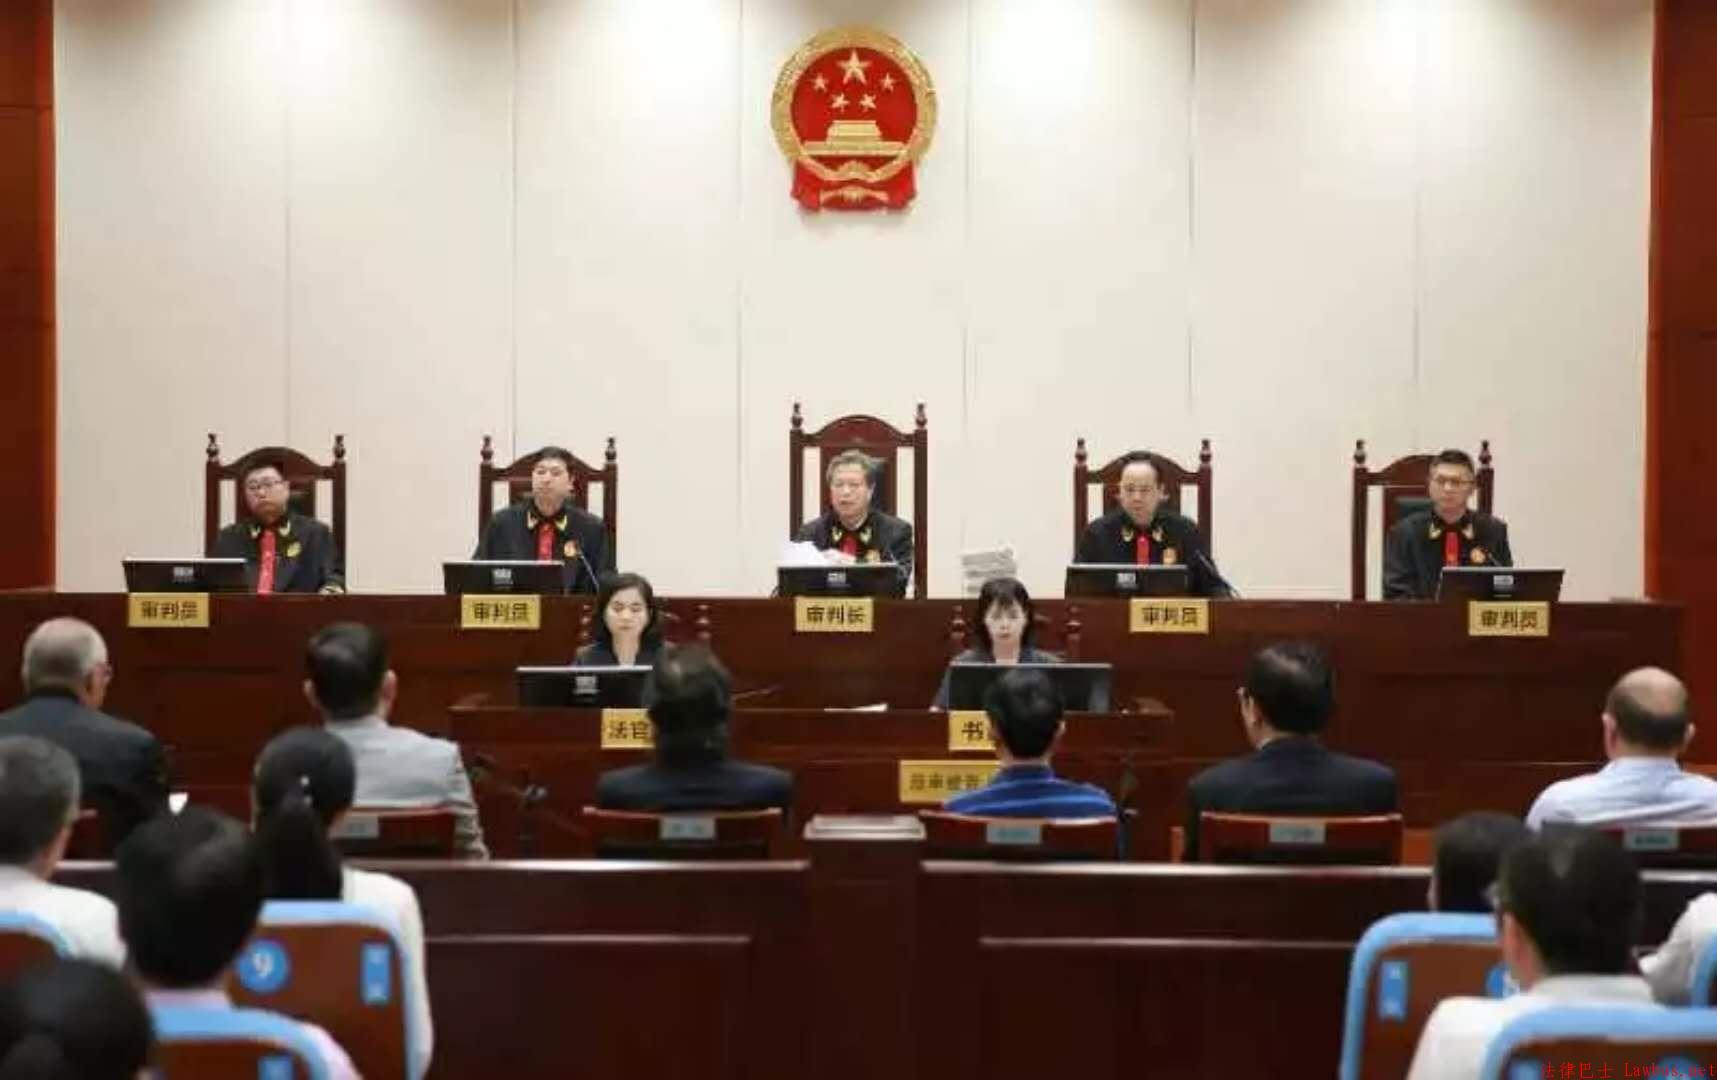 最高人民法院公开开庭审理顾雏军等再审一案 业界动态